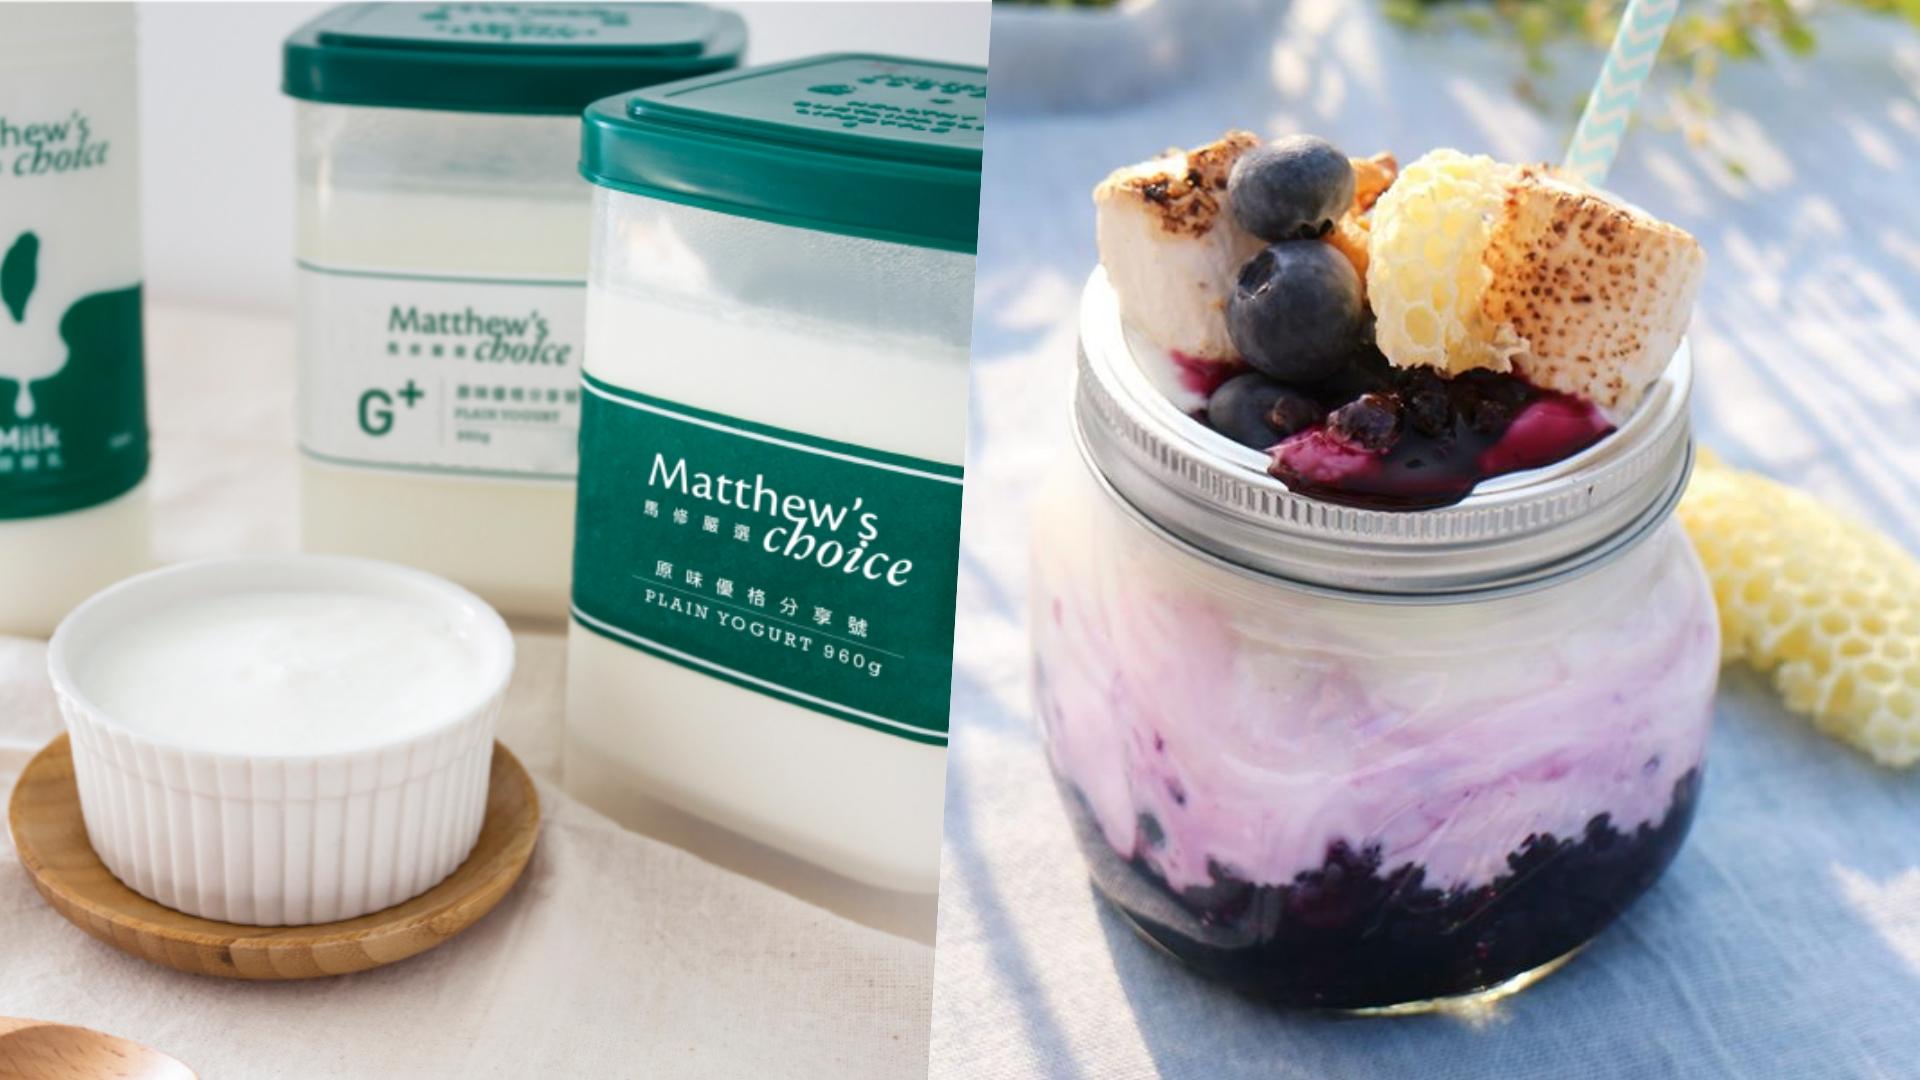 馬修嚴選原味優格分享號2入+330元季節果漿2入,沒有加糖和添加物的優格,才能吃得更健康!